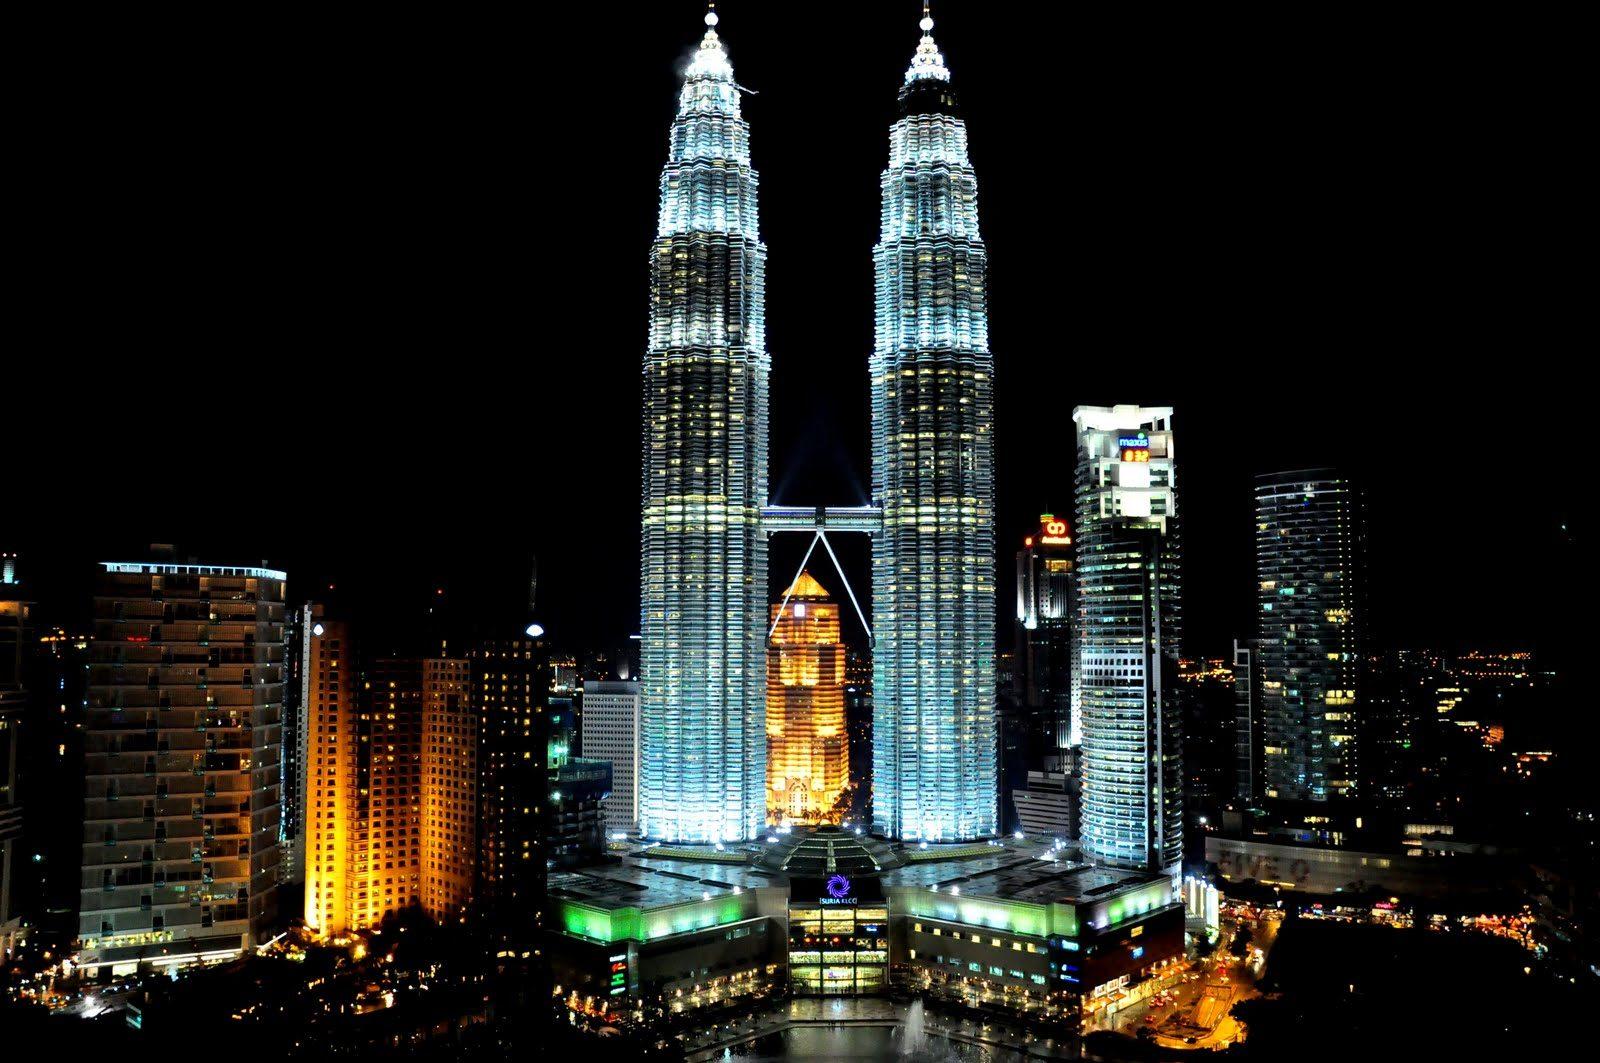 Una foto scattata di notte delle Torri Gemelle Petronas a Quala Lumpur